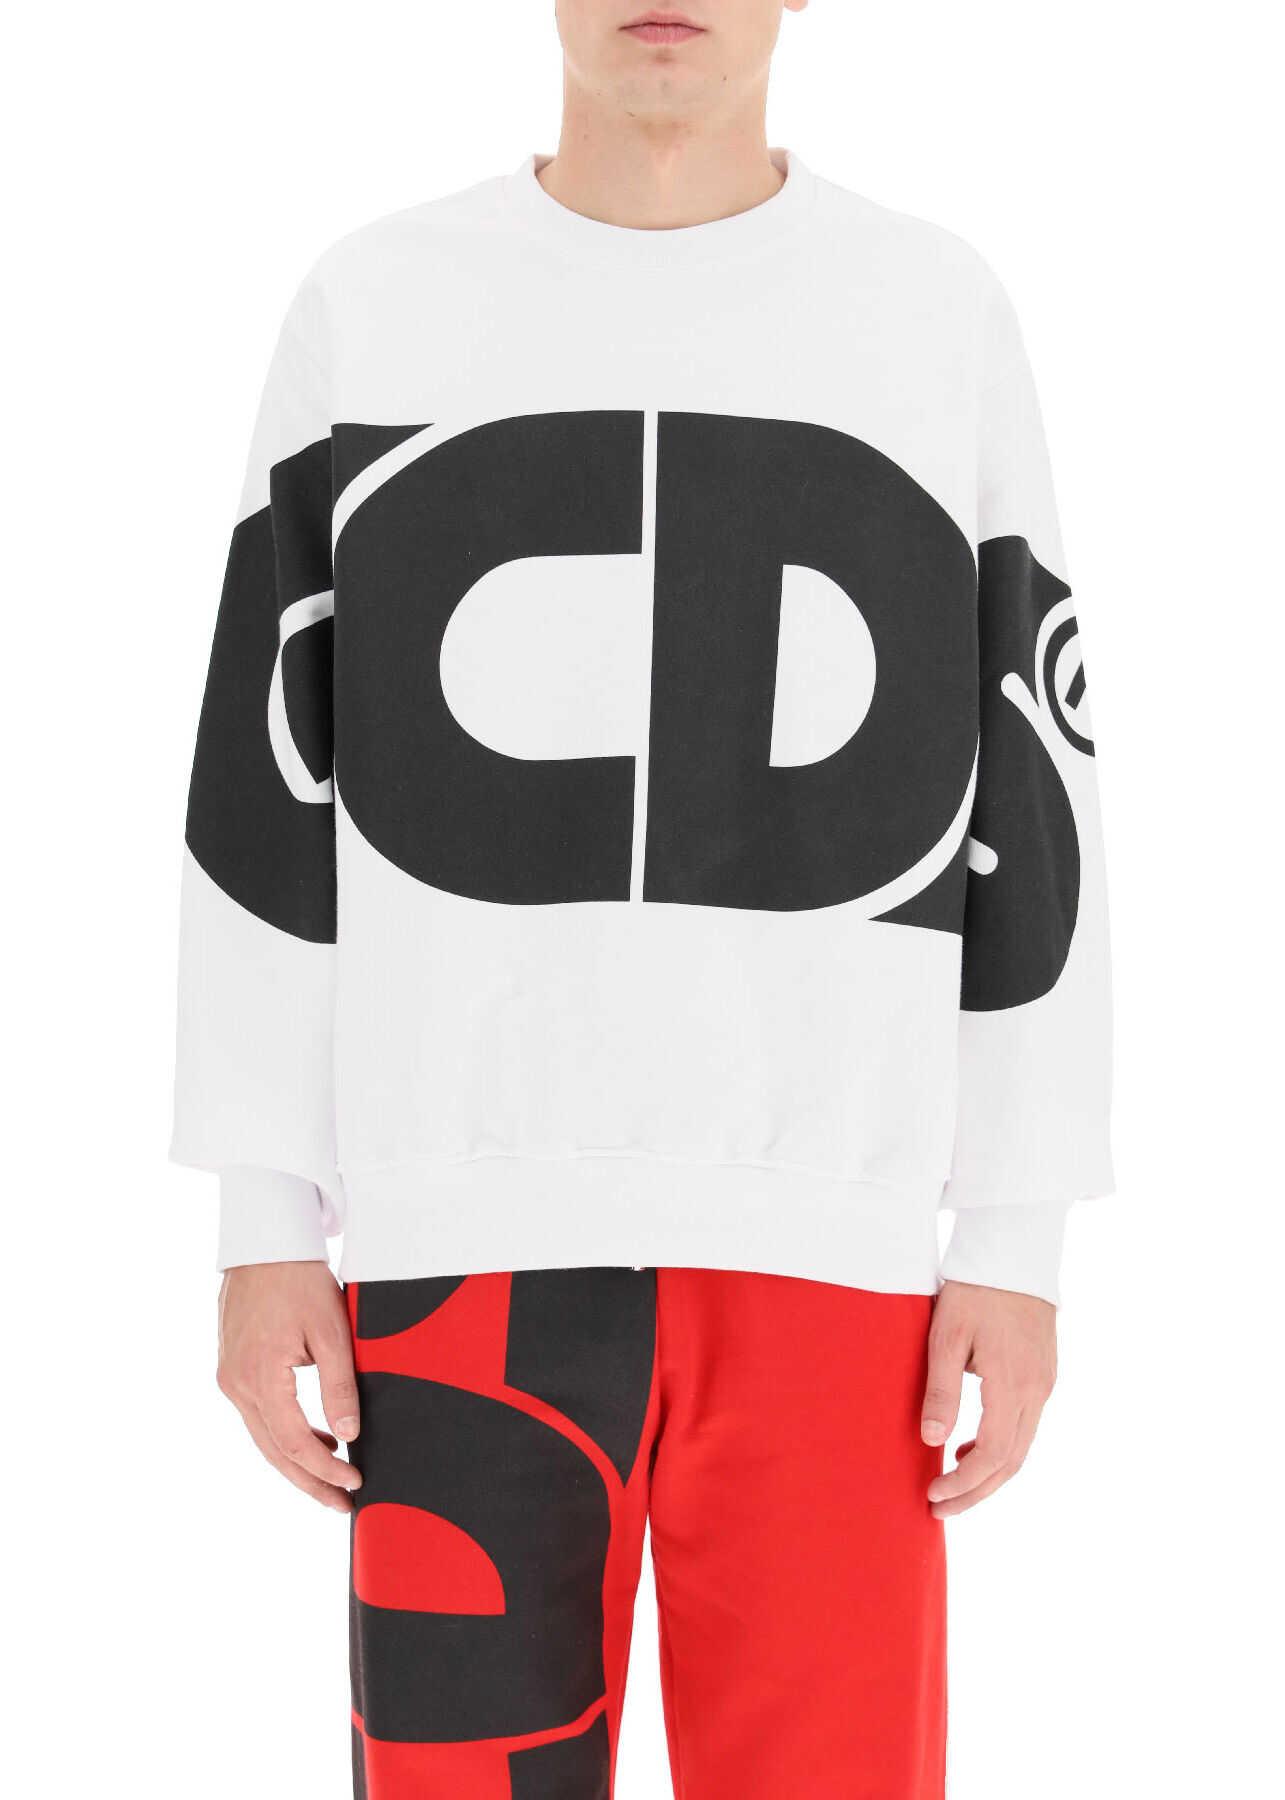 GCDS Round Tee Sweatshirt Maxi Logo WHITE imagine